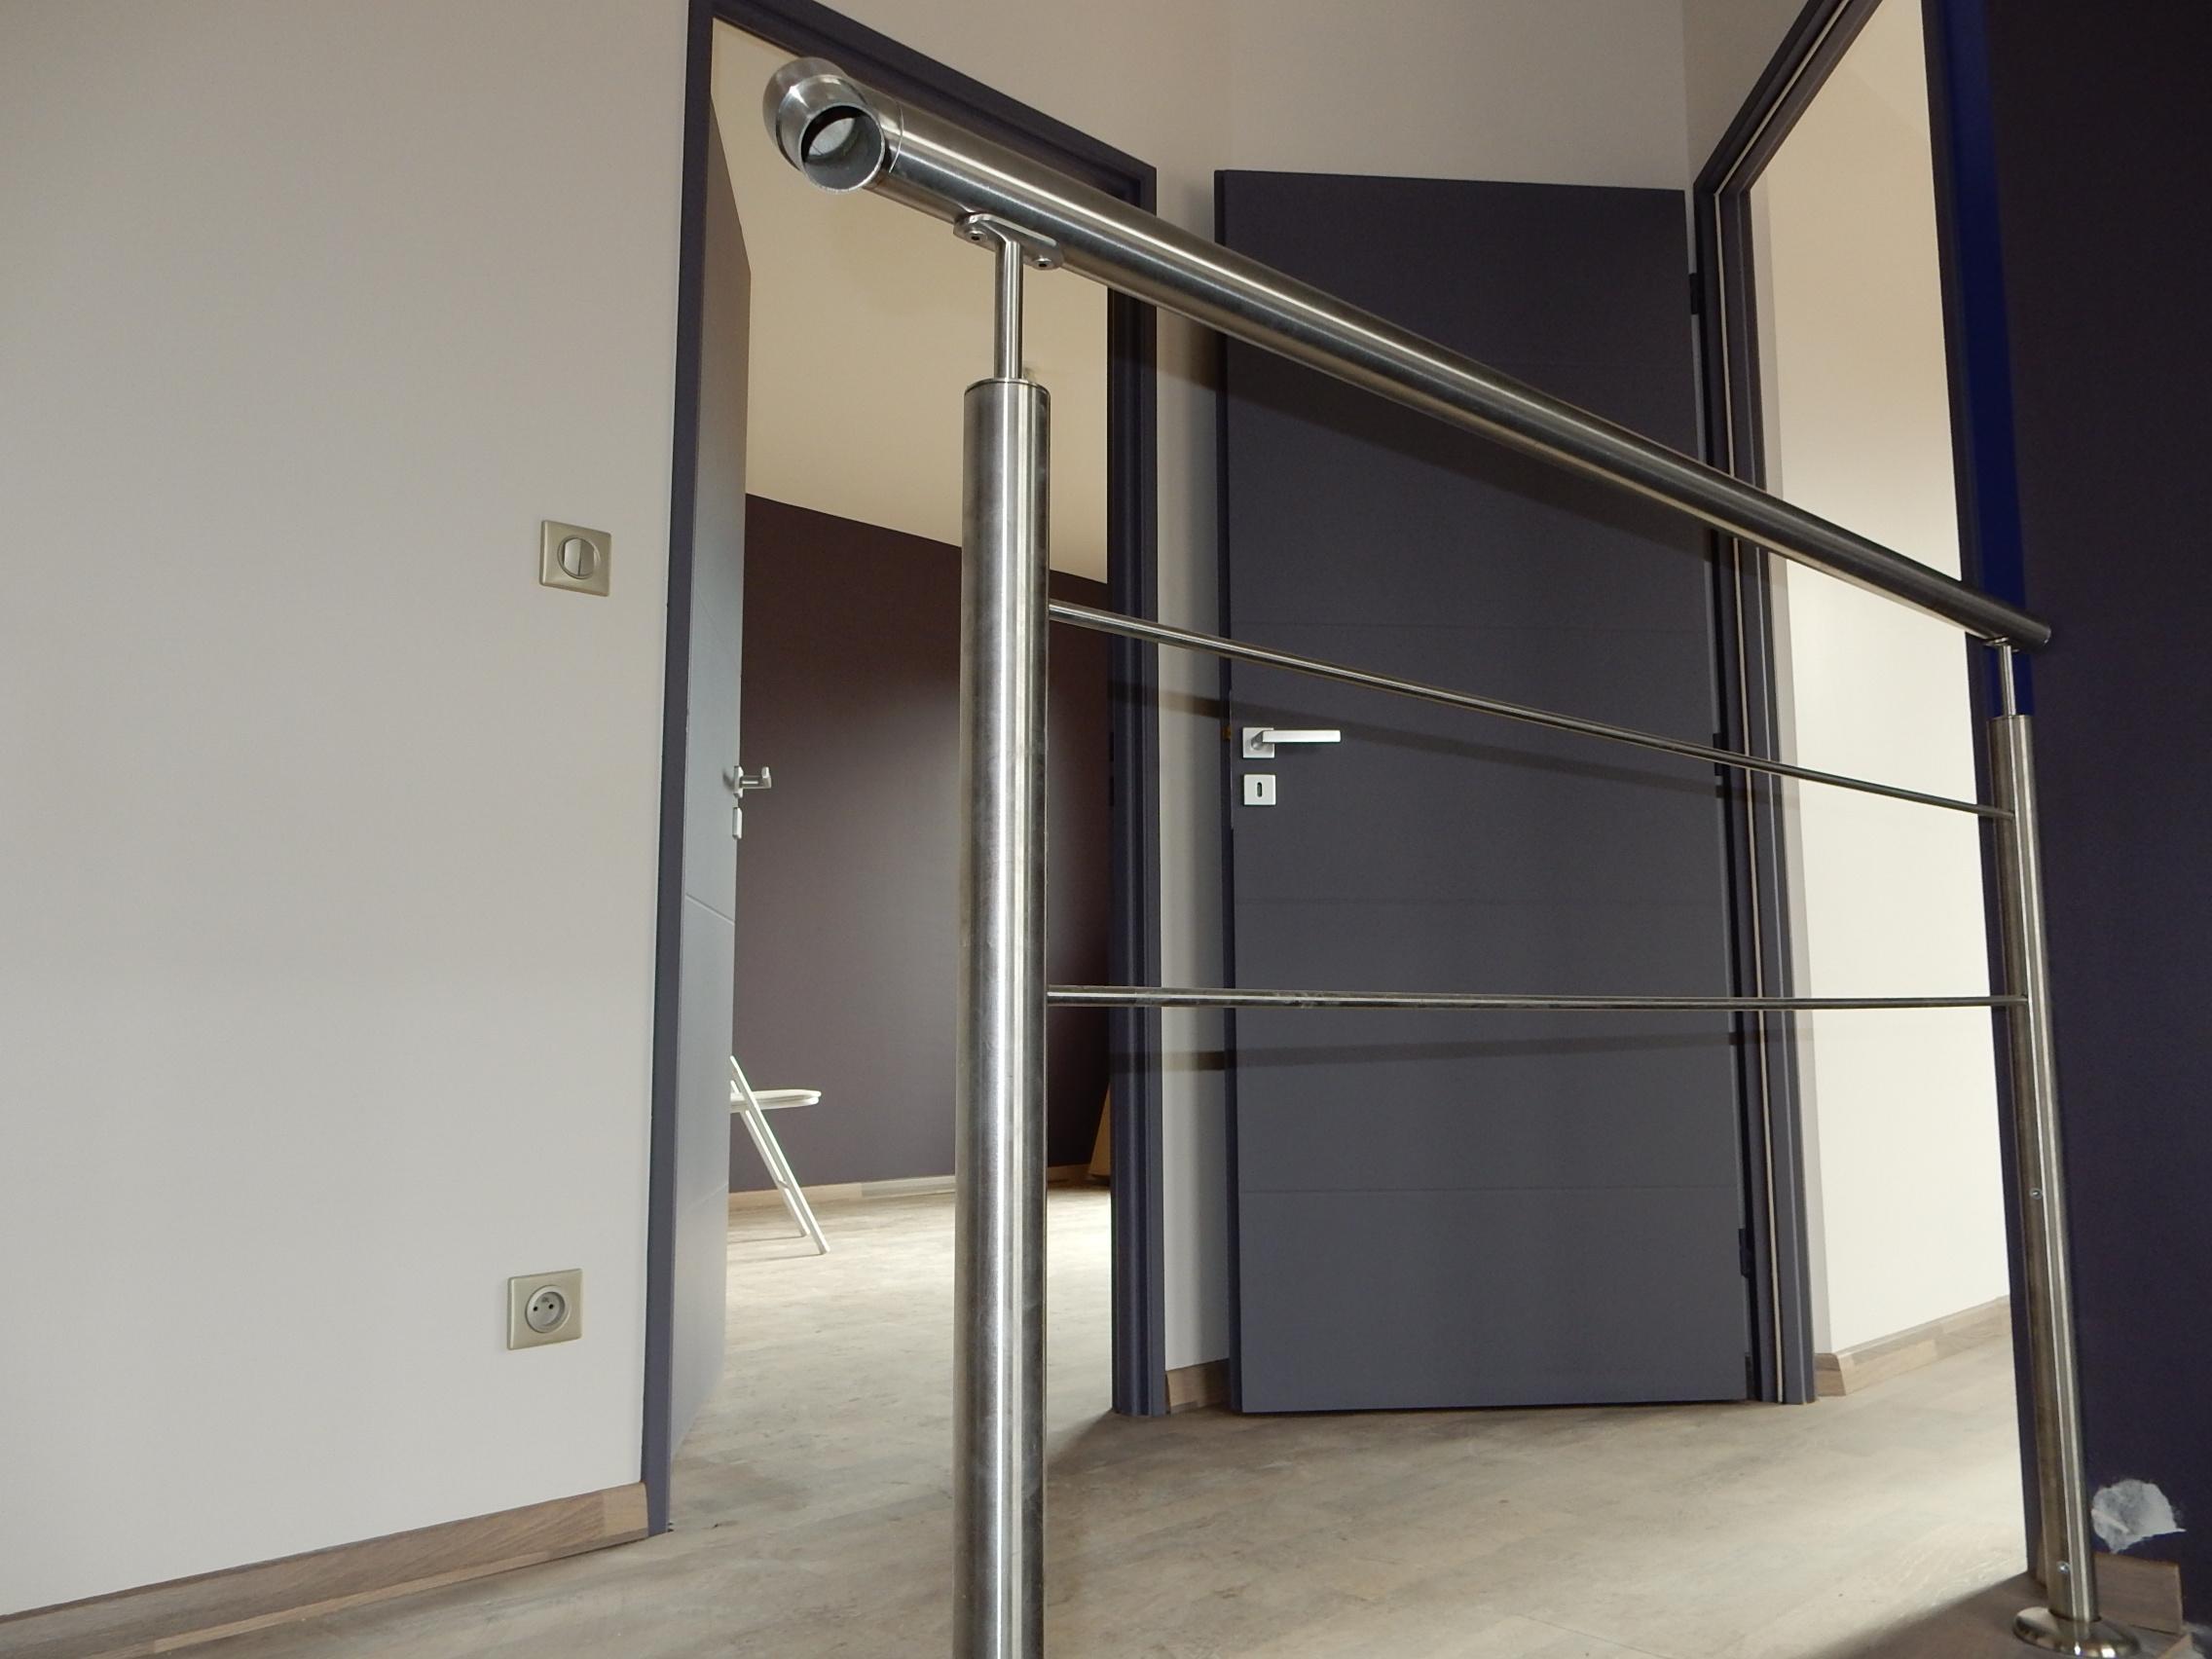 Maison privée-Coloration intérieure-arch Philippe Cordier